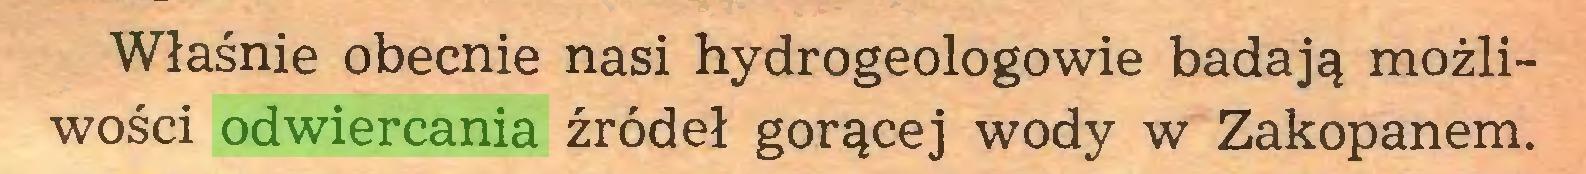 (...) Właśnie obecnie nasi hydrogeologowie badają możliwości odwiercania źródeł gorącej wody w Zakopanem...